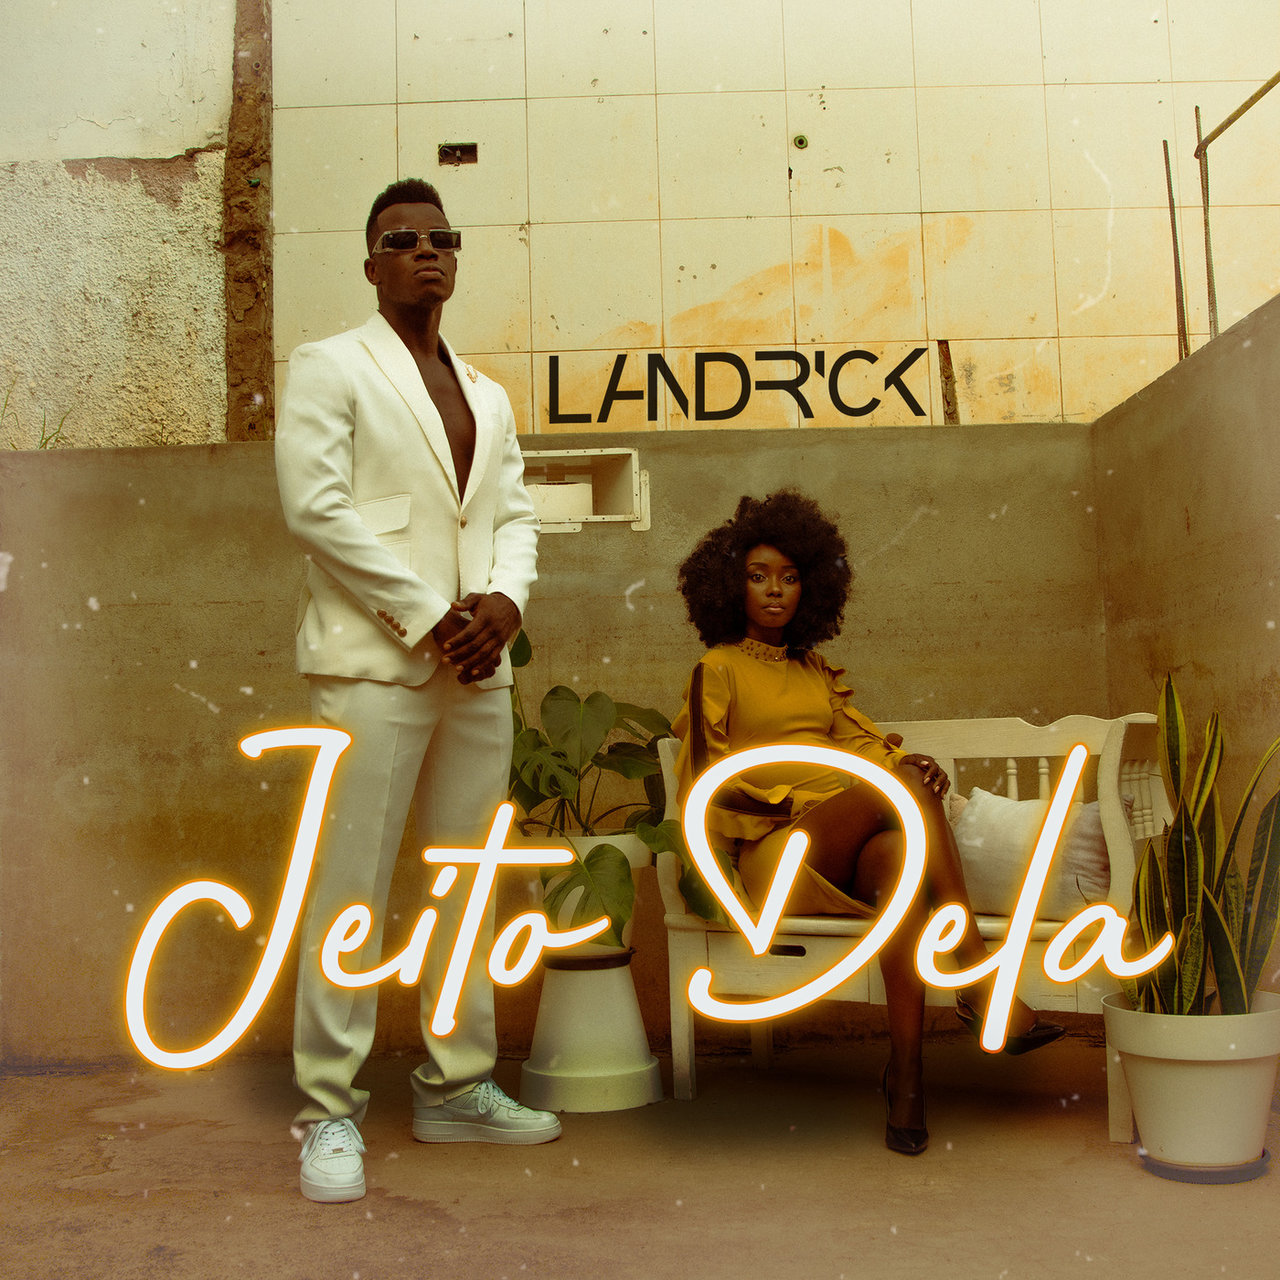 Landrick - Jeito Dela (Cover)